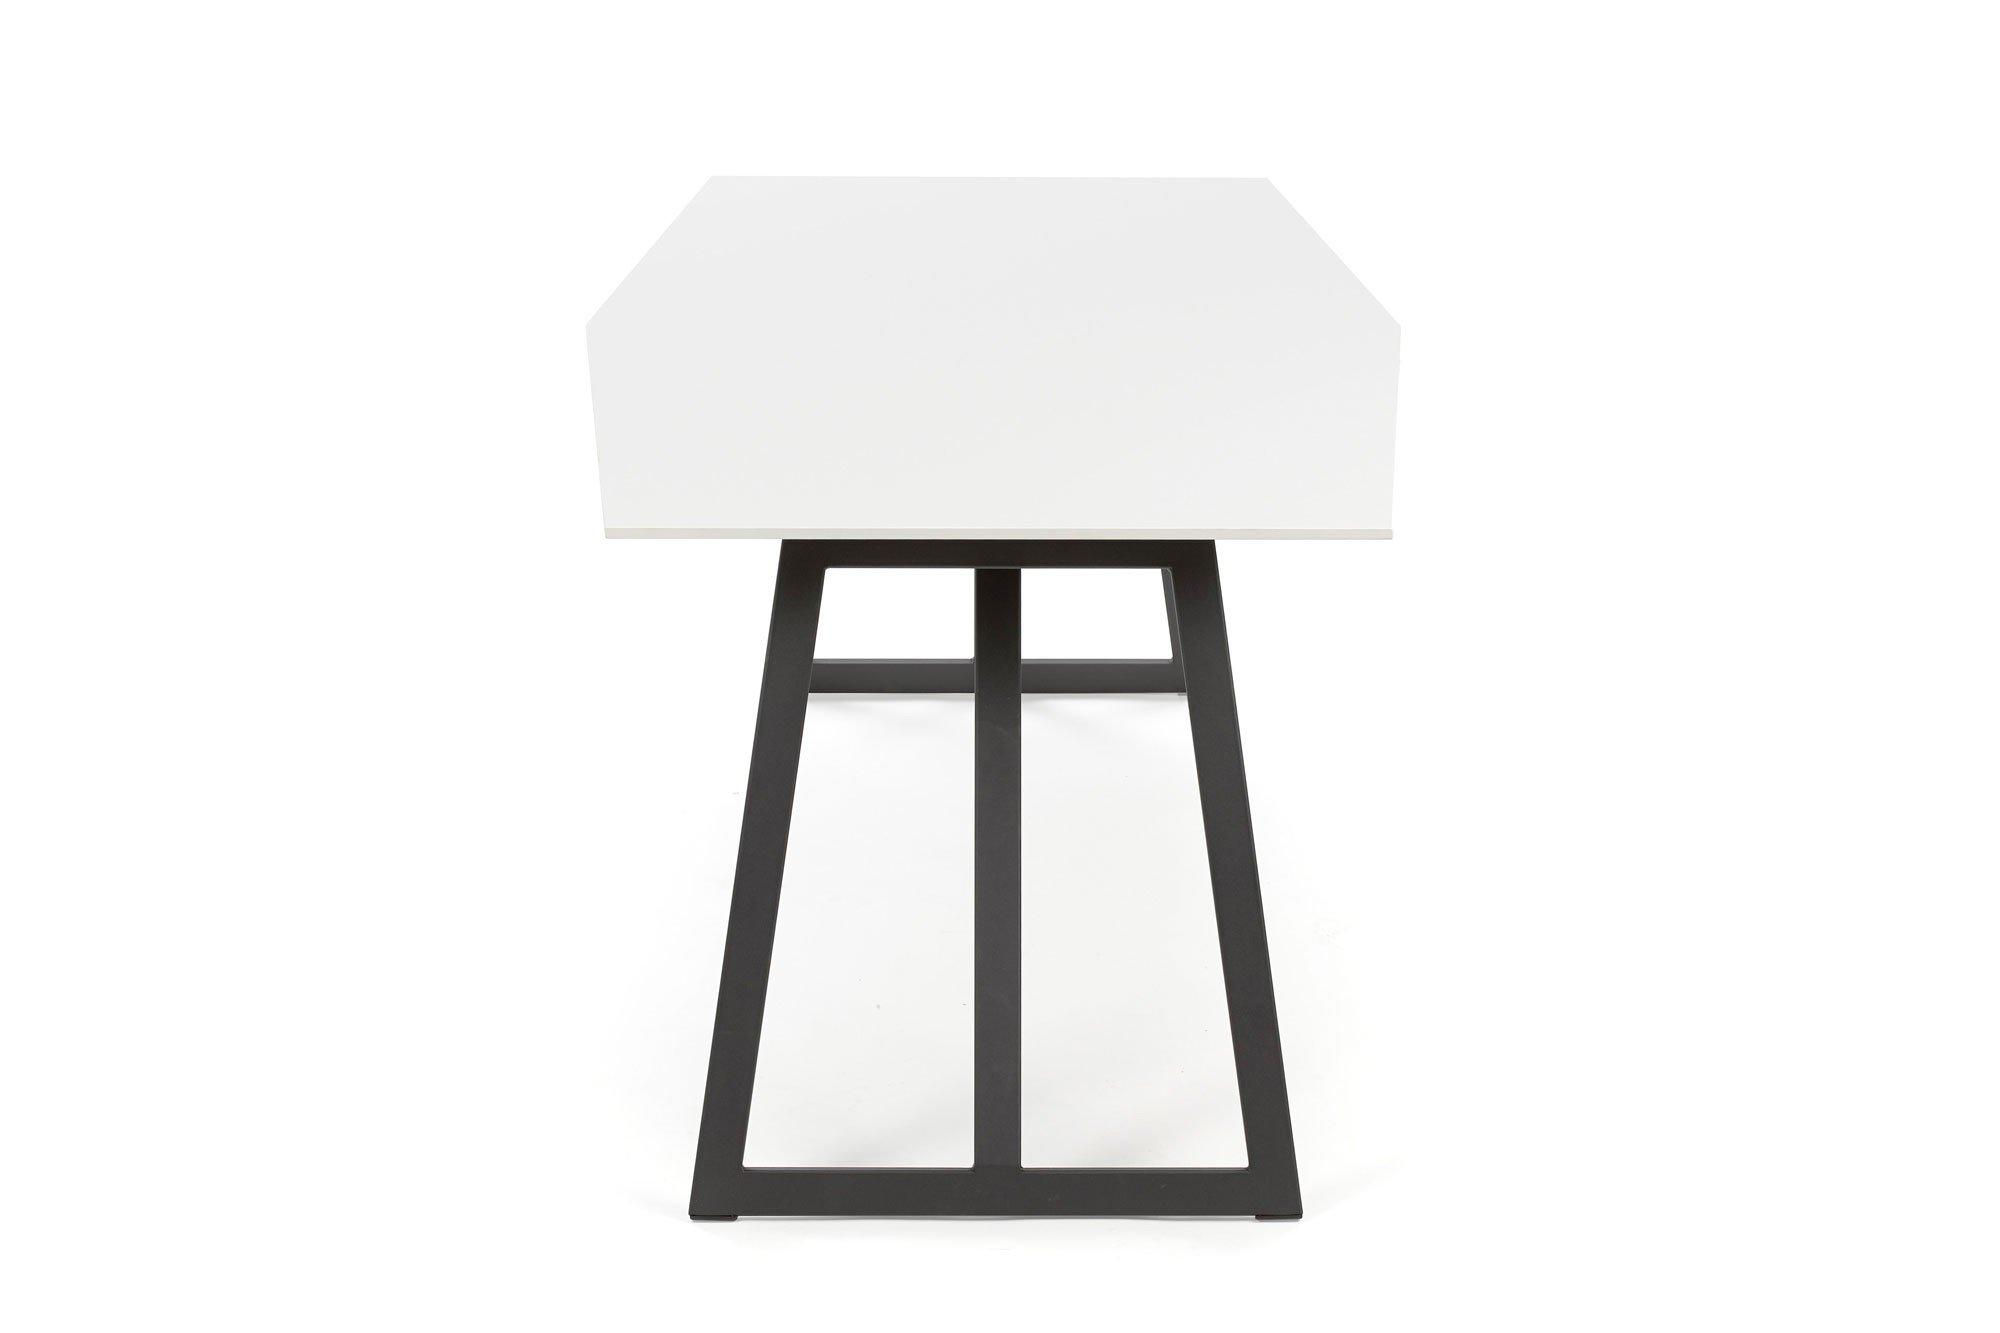 esstisch 140x80 wei simple esstisch 140x80 wei with esstisch 140x80 wei fabulous esstisch. Black Bedroom Furniture Sets. Home Design Ideas